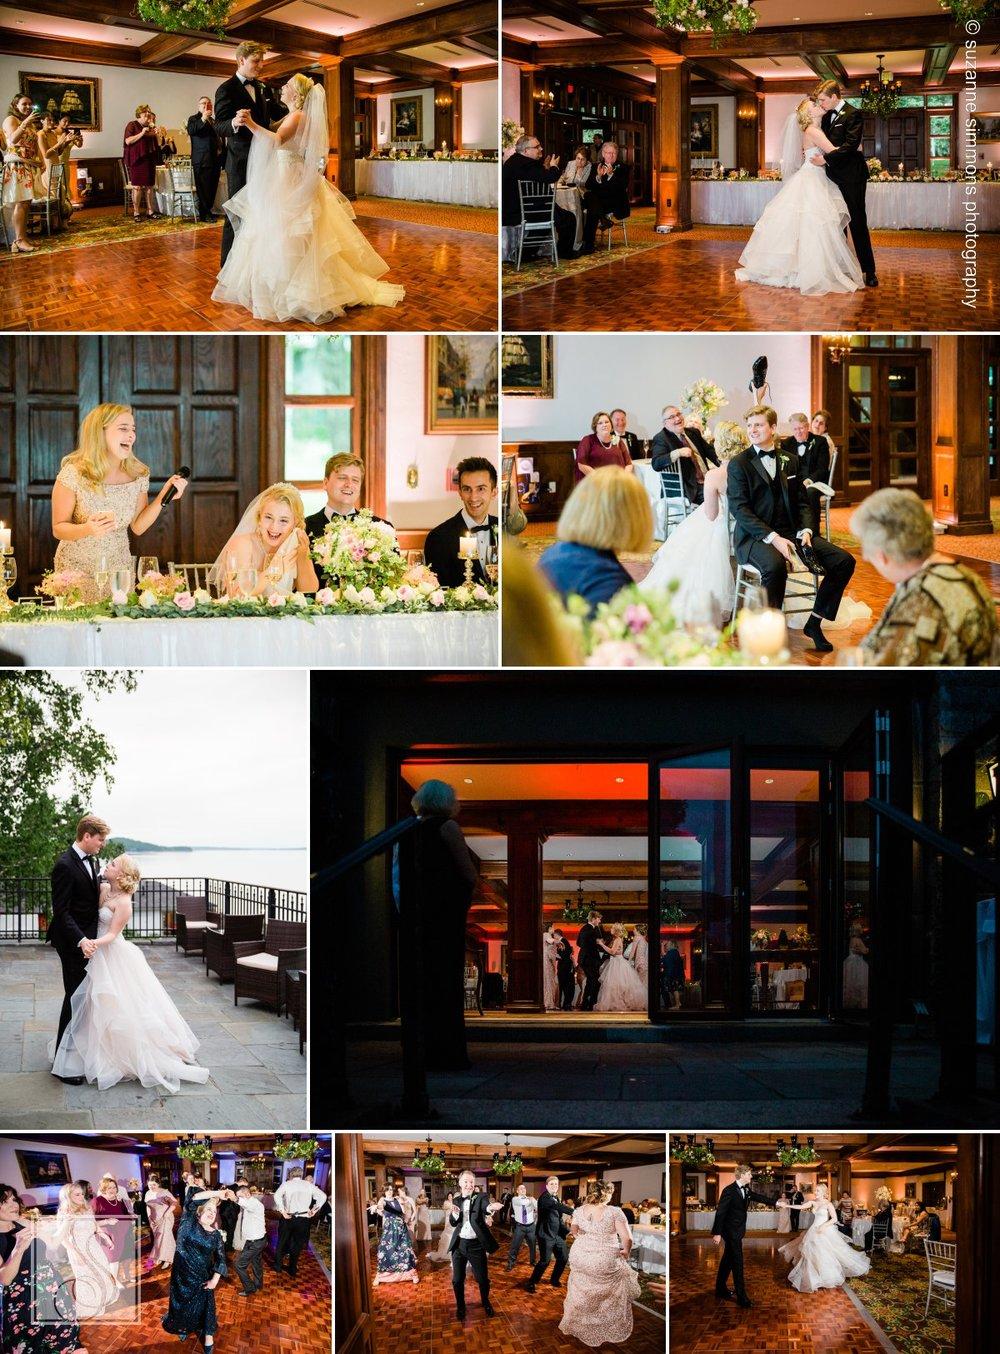 Evening wedding reception at Bar Harbor Regency